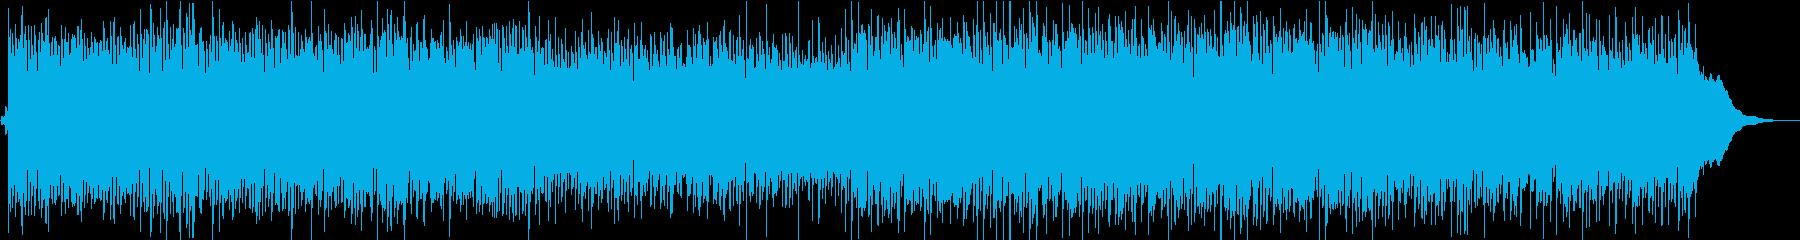 かわいらしくファンタジックな蜜柑の曲の再生済みの波形